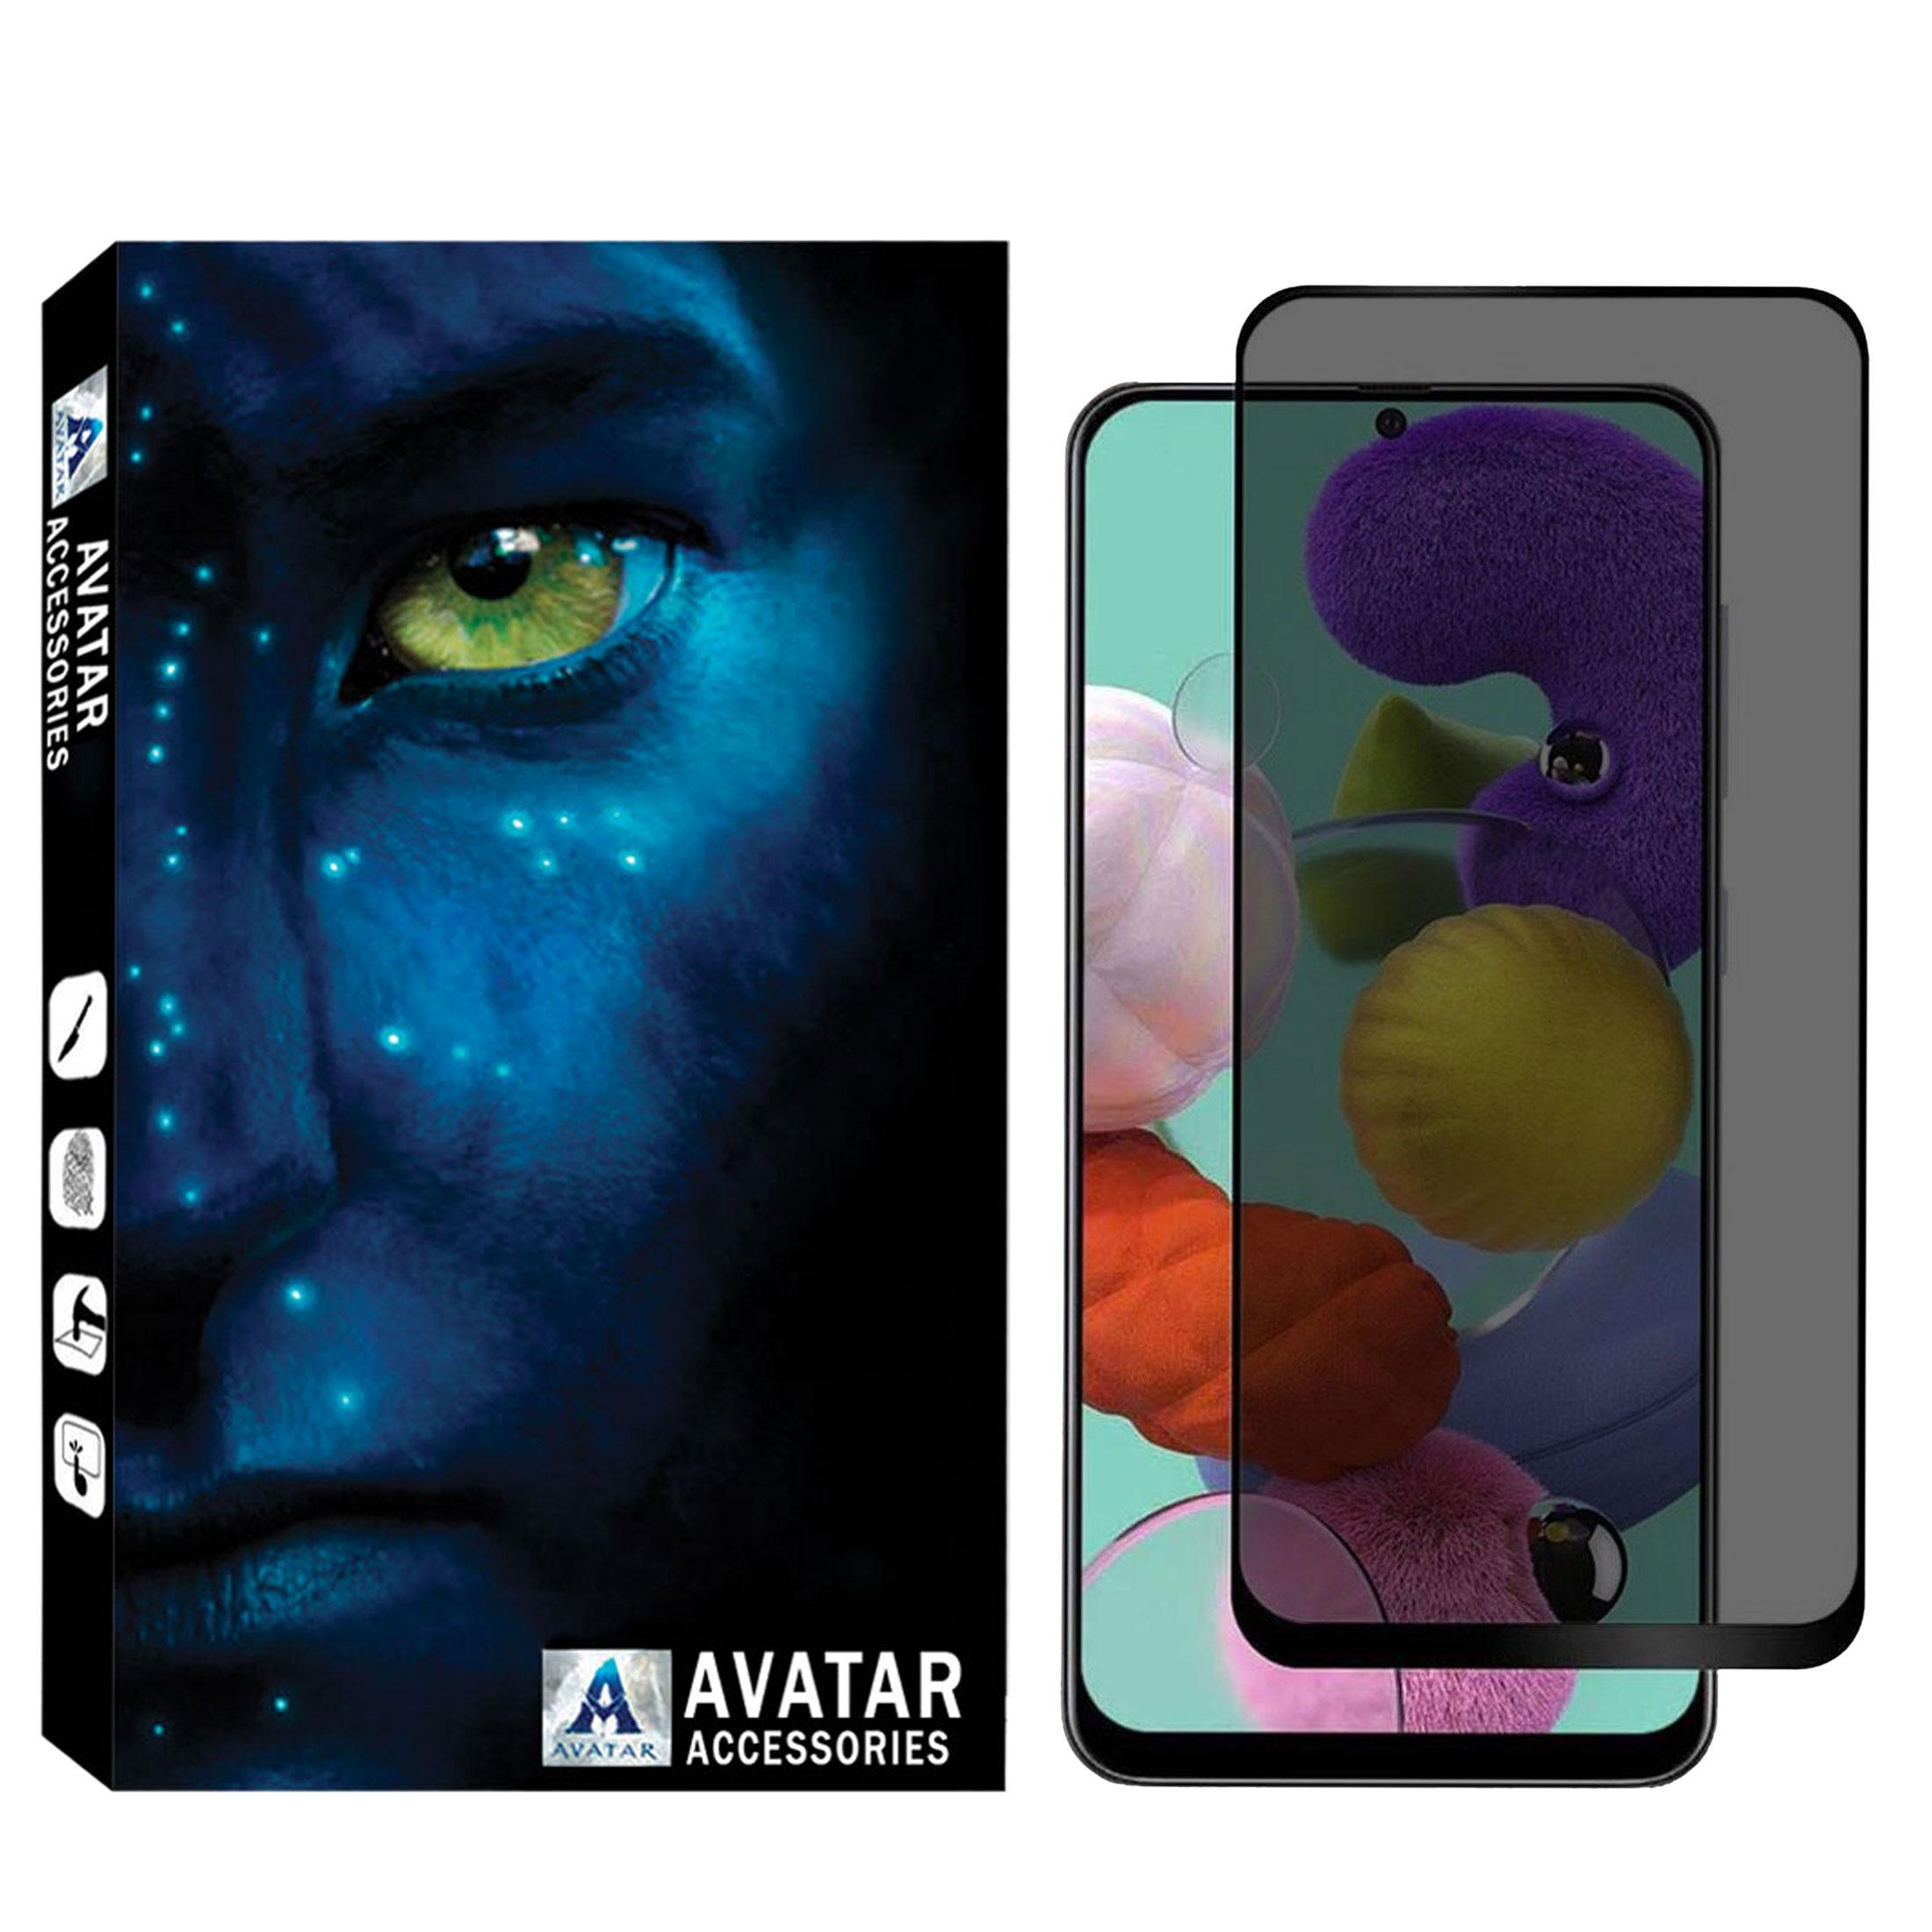 محافظ صفحه نمایش حریم شخصی آواتار مدل AVprv-01 مناسب برای گوشی موبایل سامسونگ Galaxy A71